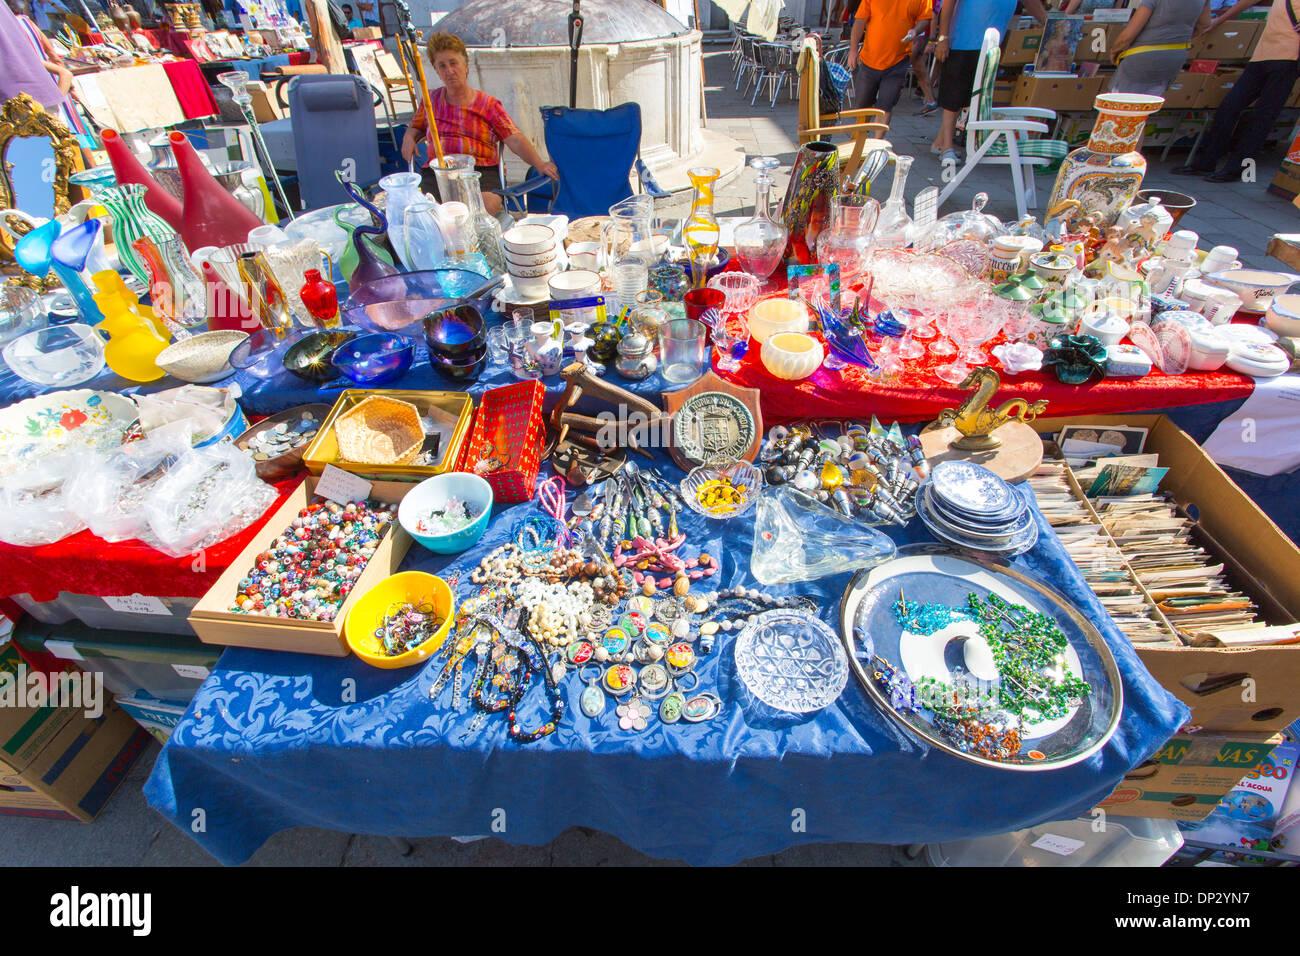 07/09/2013 Flea market in Campo San Barnaba, Venice, Italy. - Stock Image